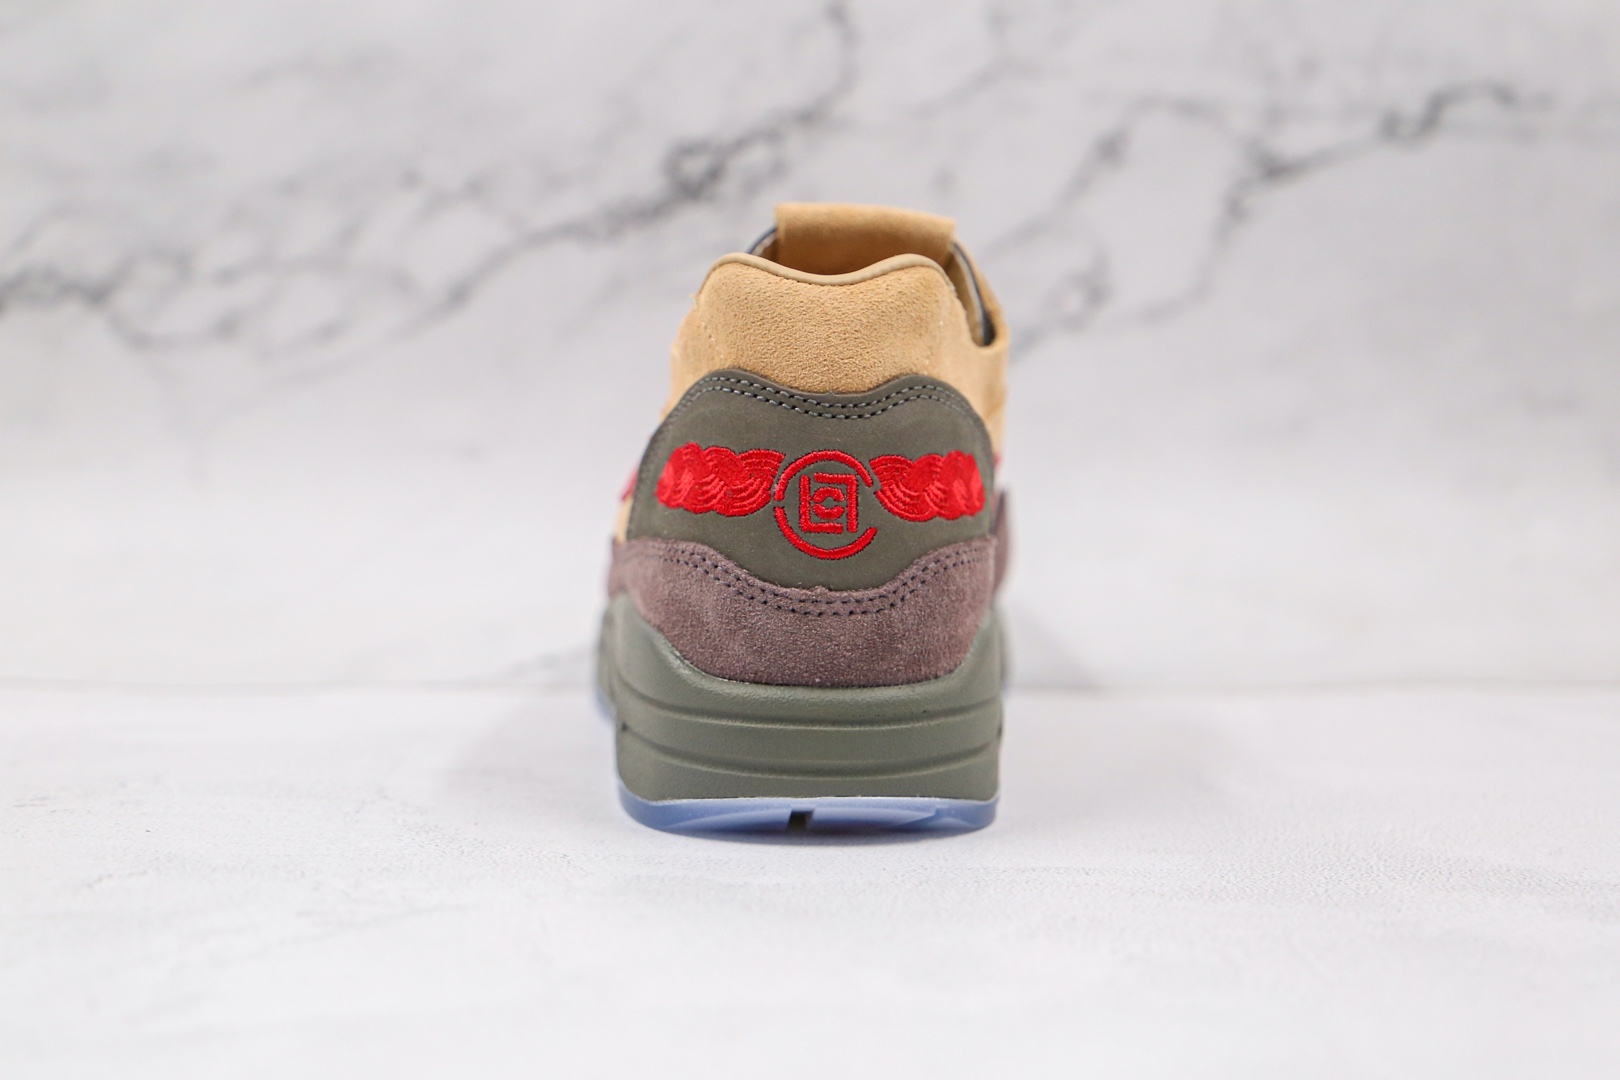 耐克Nike Air Max 1 Tea Leaf Brown x CLOT陈冠希联名款纯原版本Max 1中国限定死亡之吻气垫鞋原盒配件齐全 货号:DD1870-200